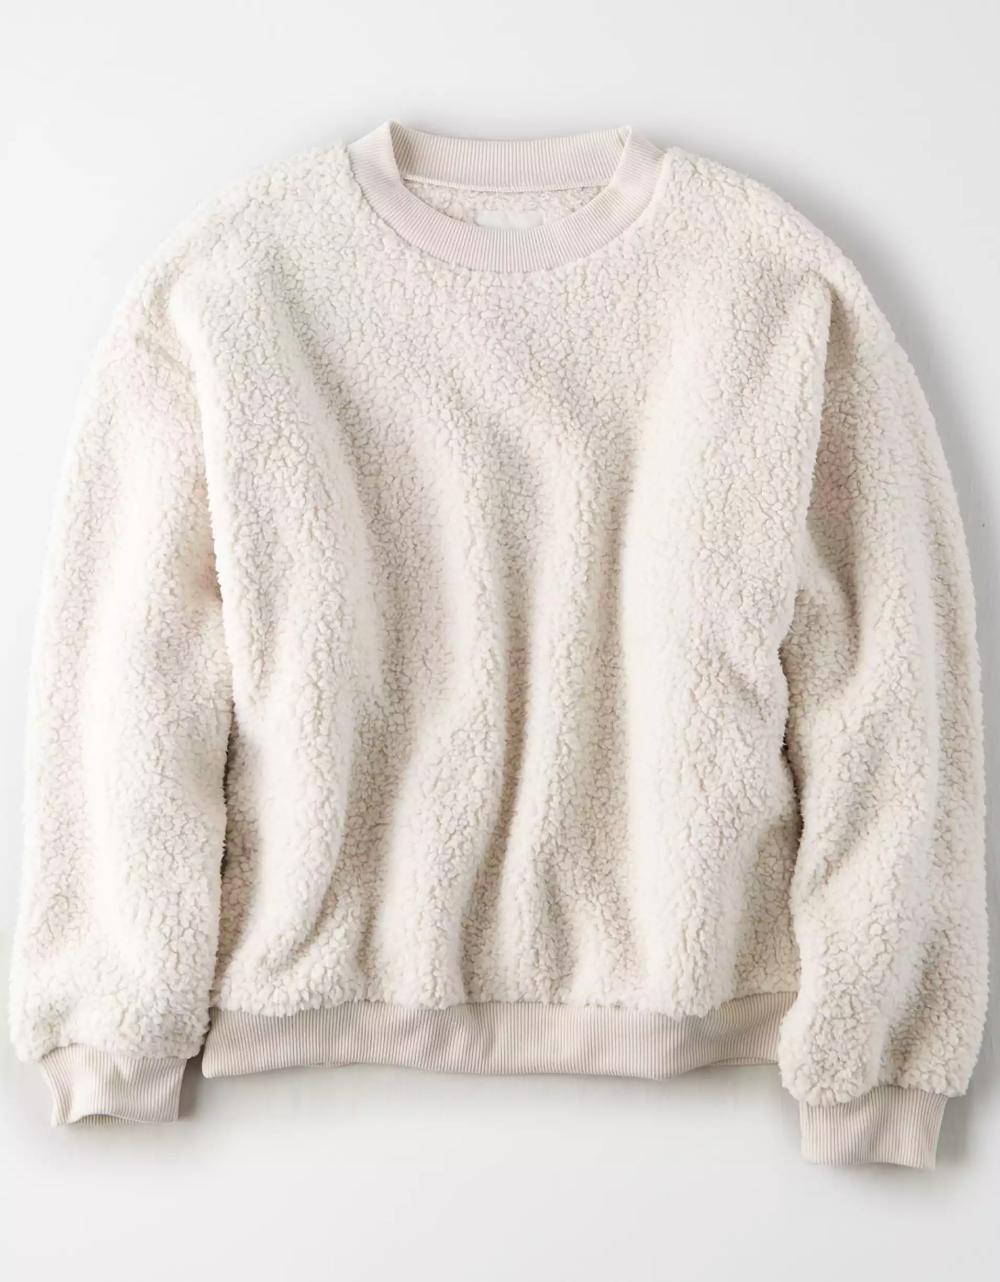 Ae Fuzzy Sherpa Cropped Crew Neck Sweatshirt Crew Neck Sweatshirt Mens Outfitters Sherpa Sweatshirt [ 1282 x 1000 Pixel ]